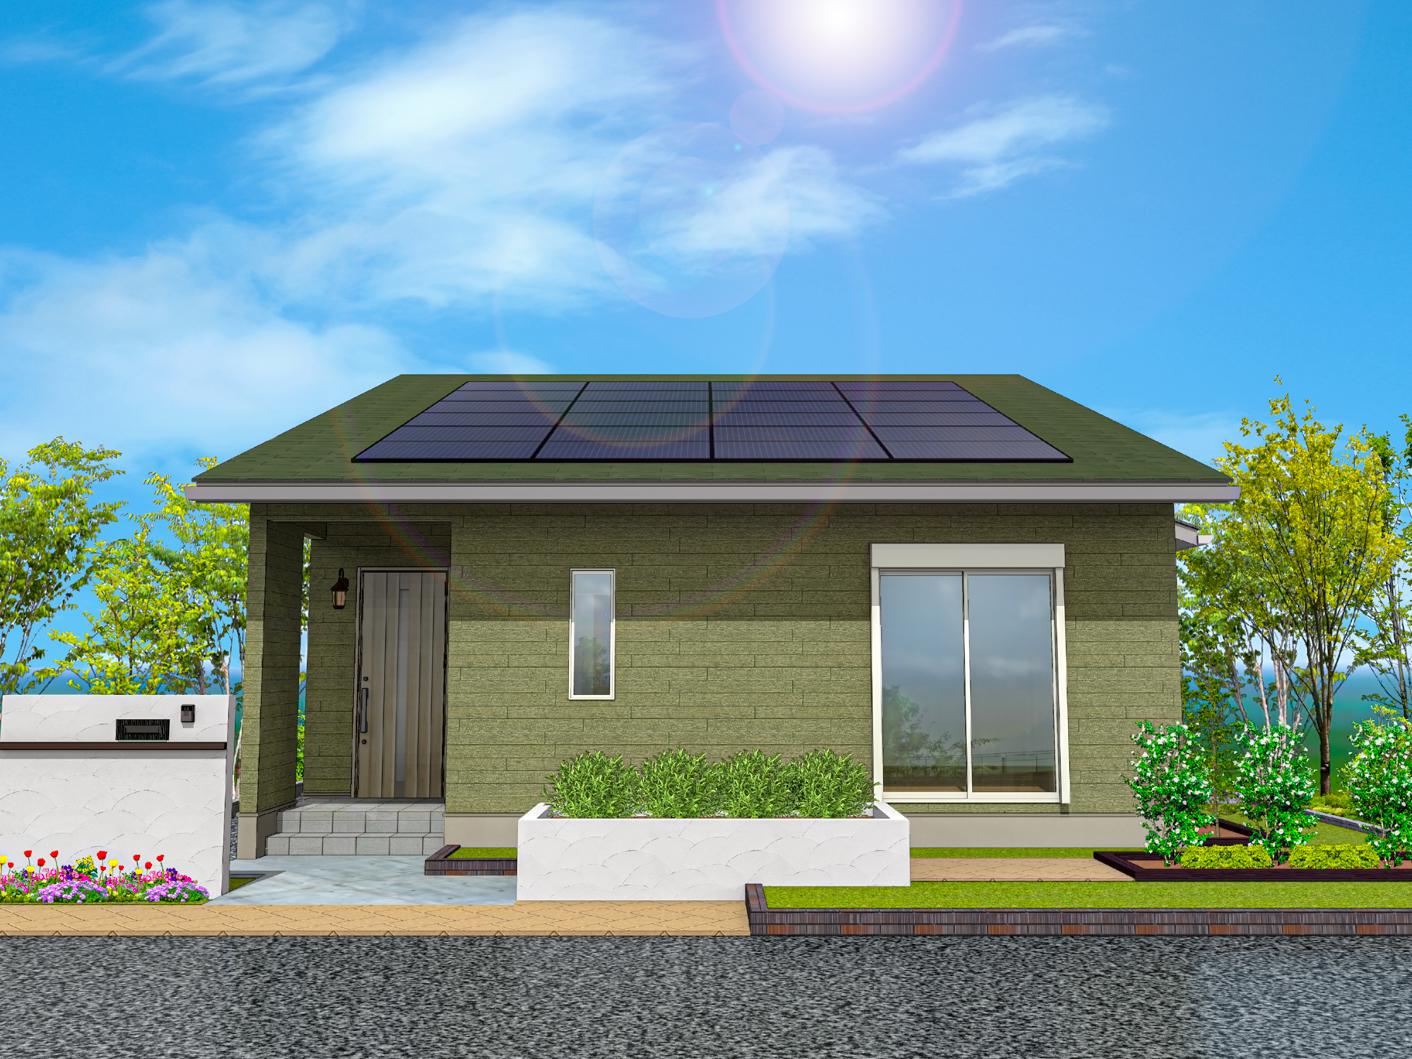 太陽光発電パネルの平屋